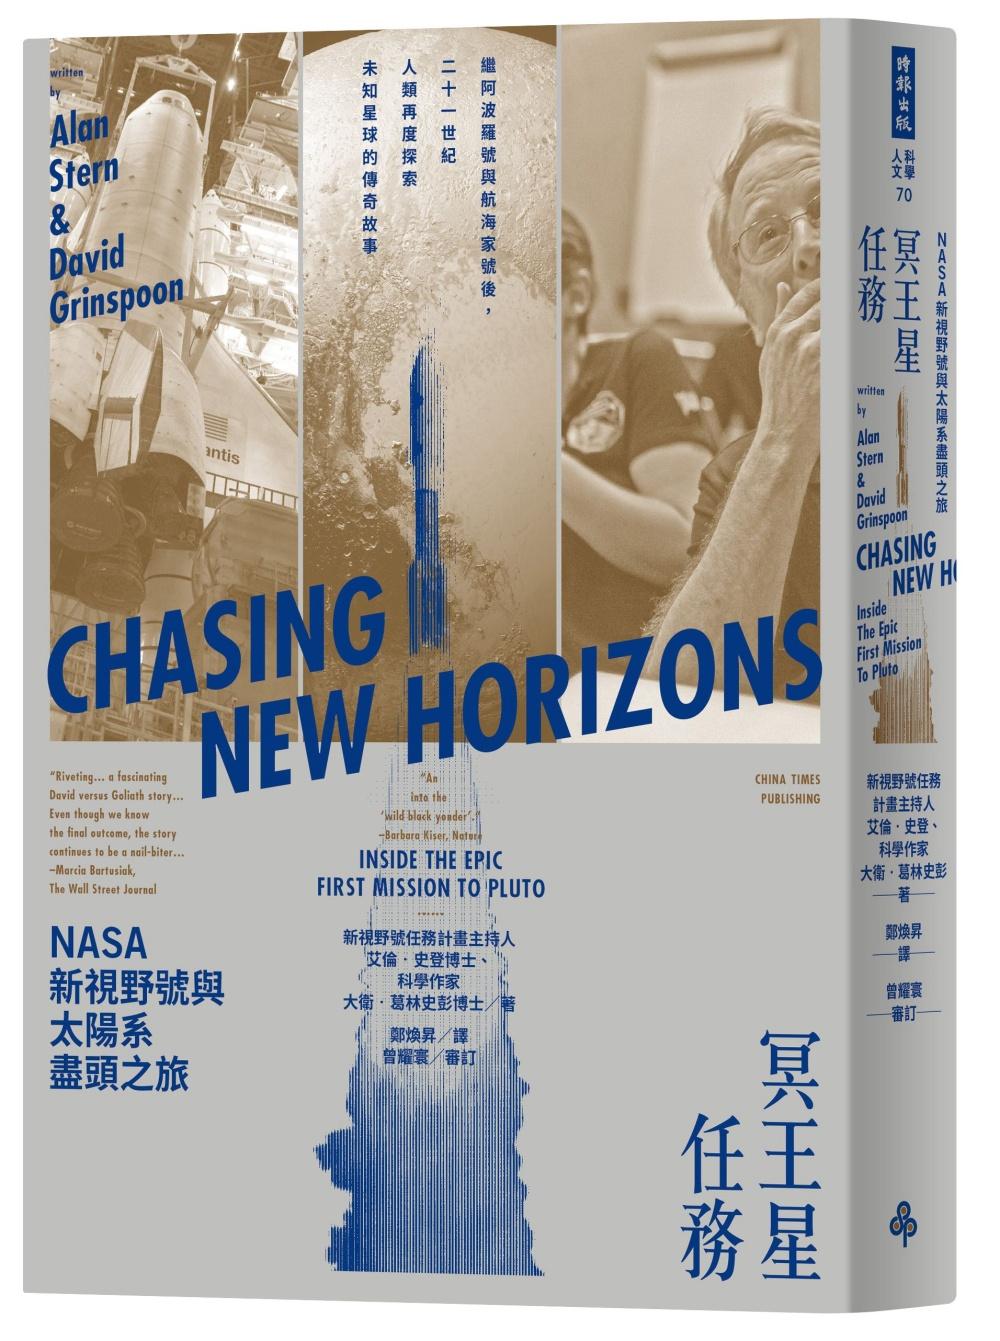 冥王星任務:NASA新視野號與太陽系盡頭之旅(繼阿波羅號與航海家號後,二十一世紀人類再度探索未知星球的傳奇故事)